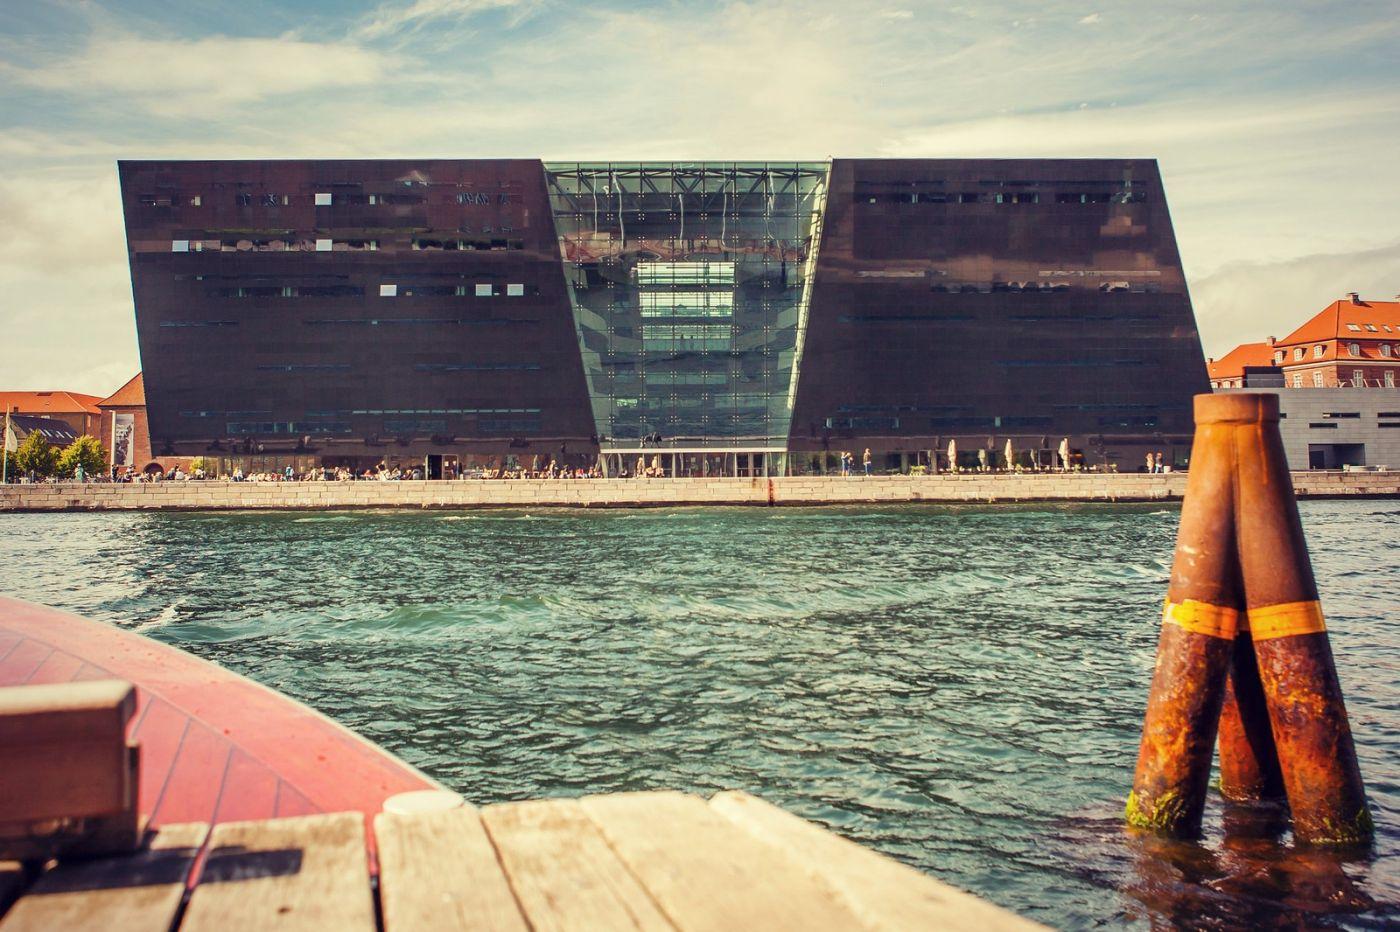 丹麦哥本哈根,新旧融合的城市_图1-10